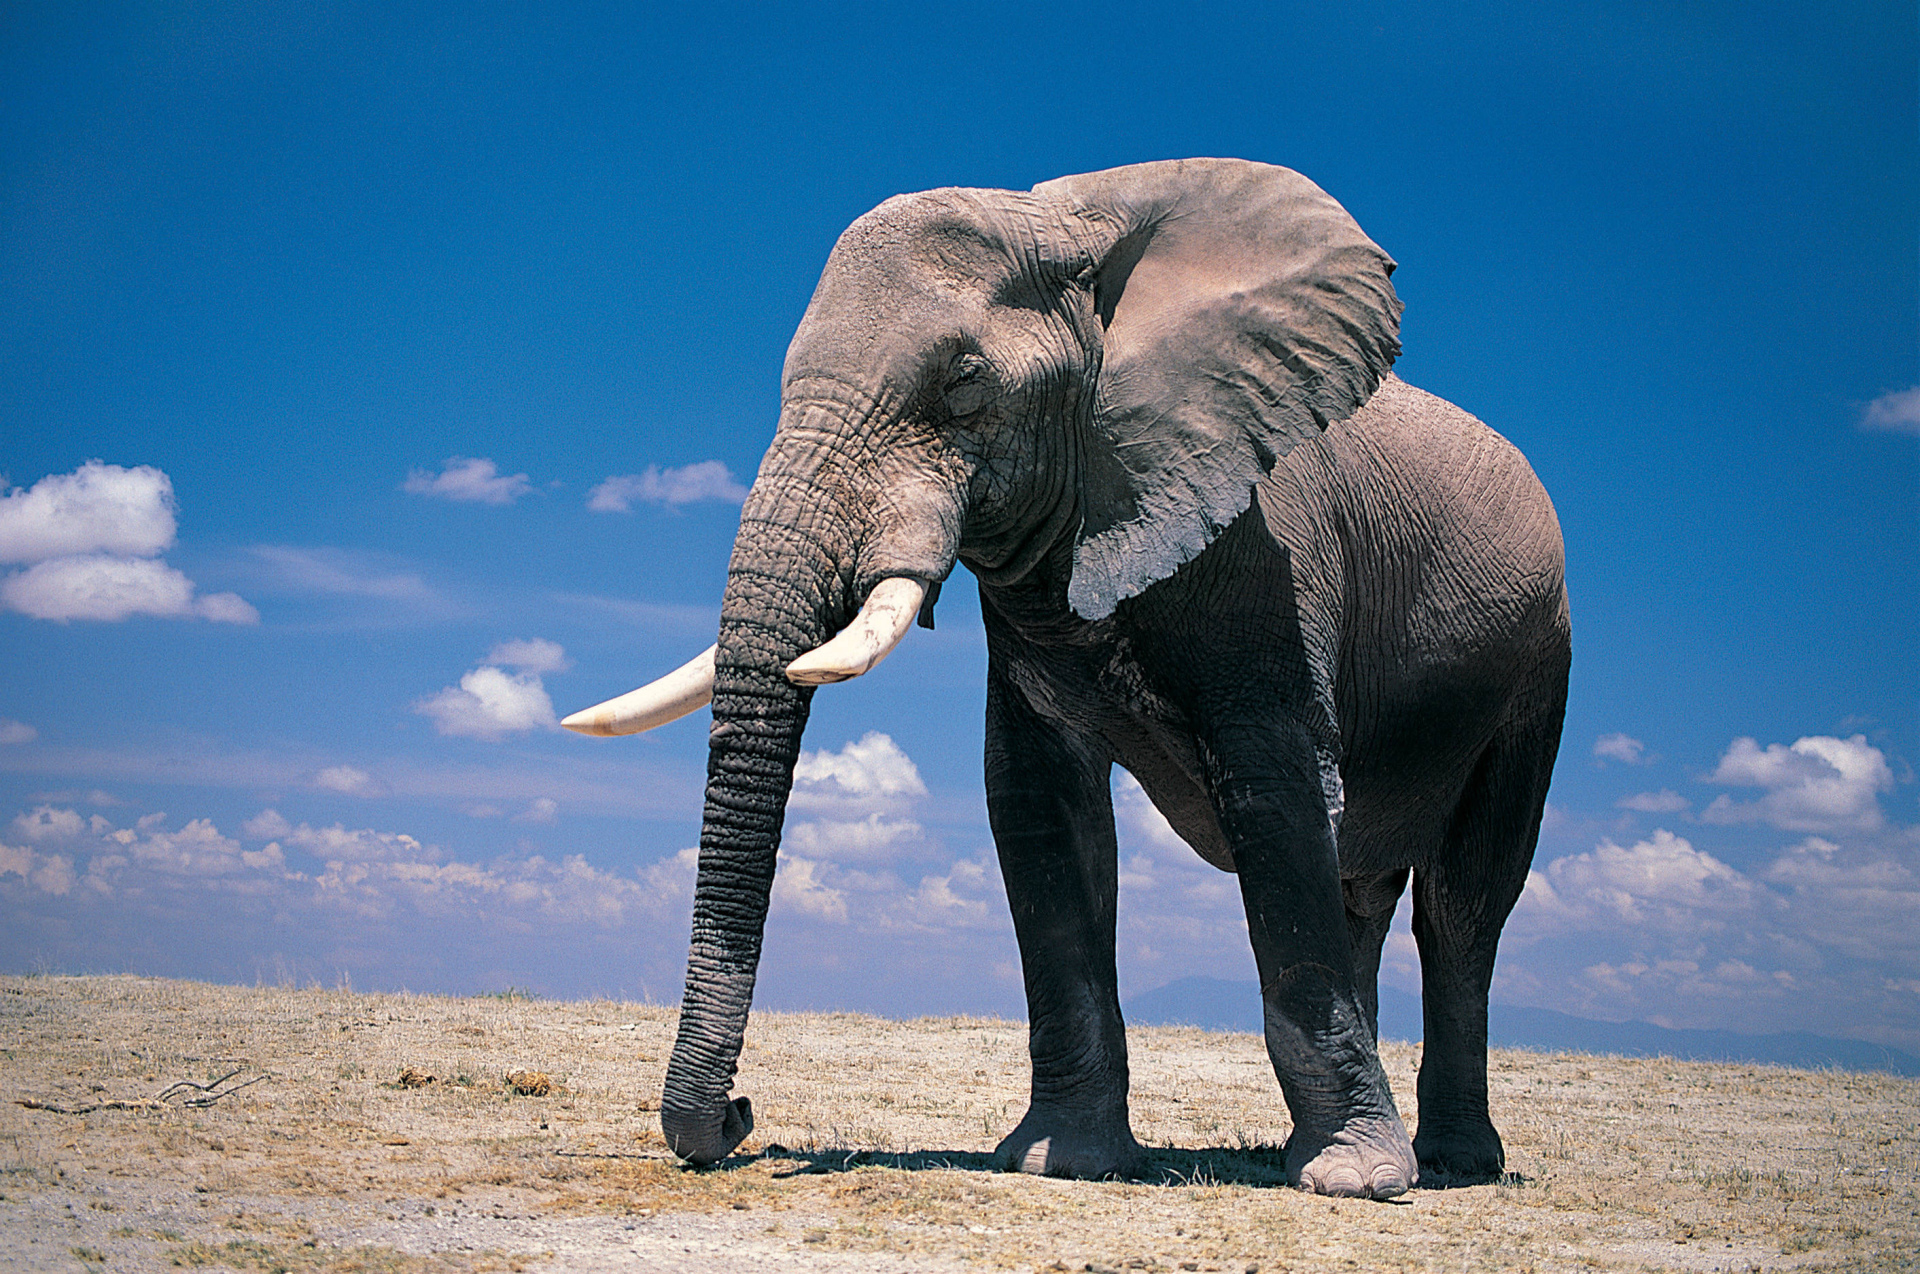 Fondos de pantalla de Elefantes, Wallpapers HD para